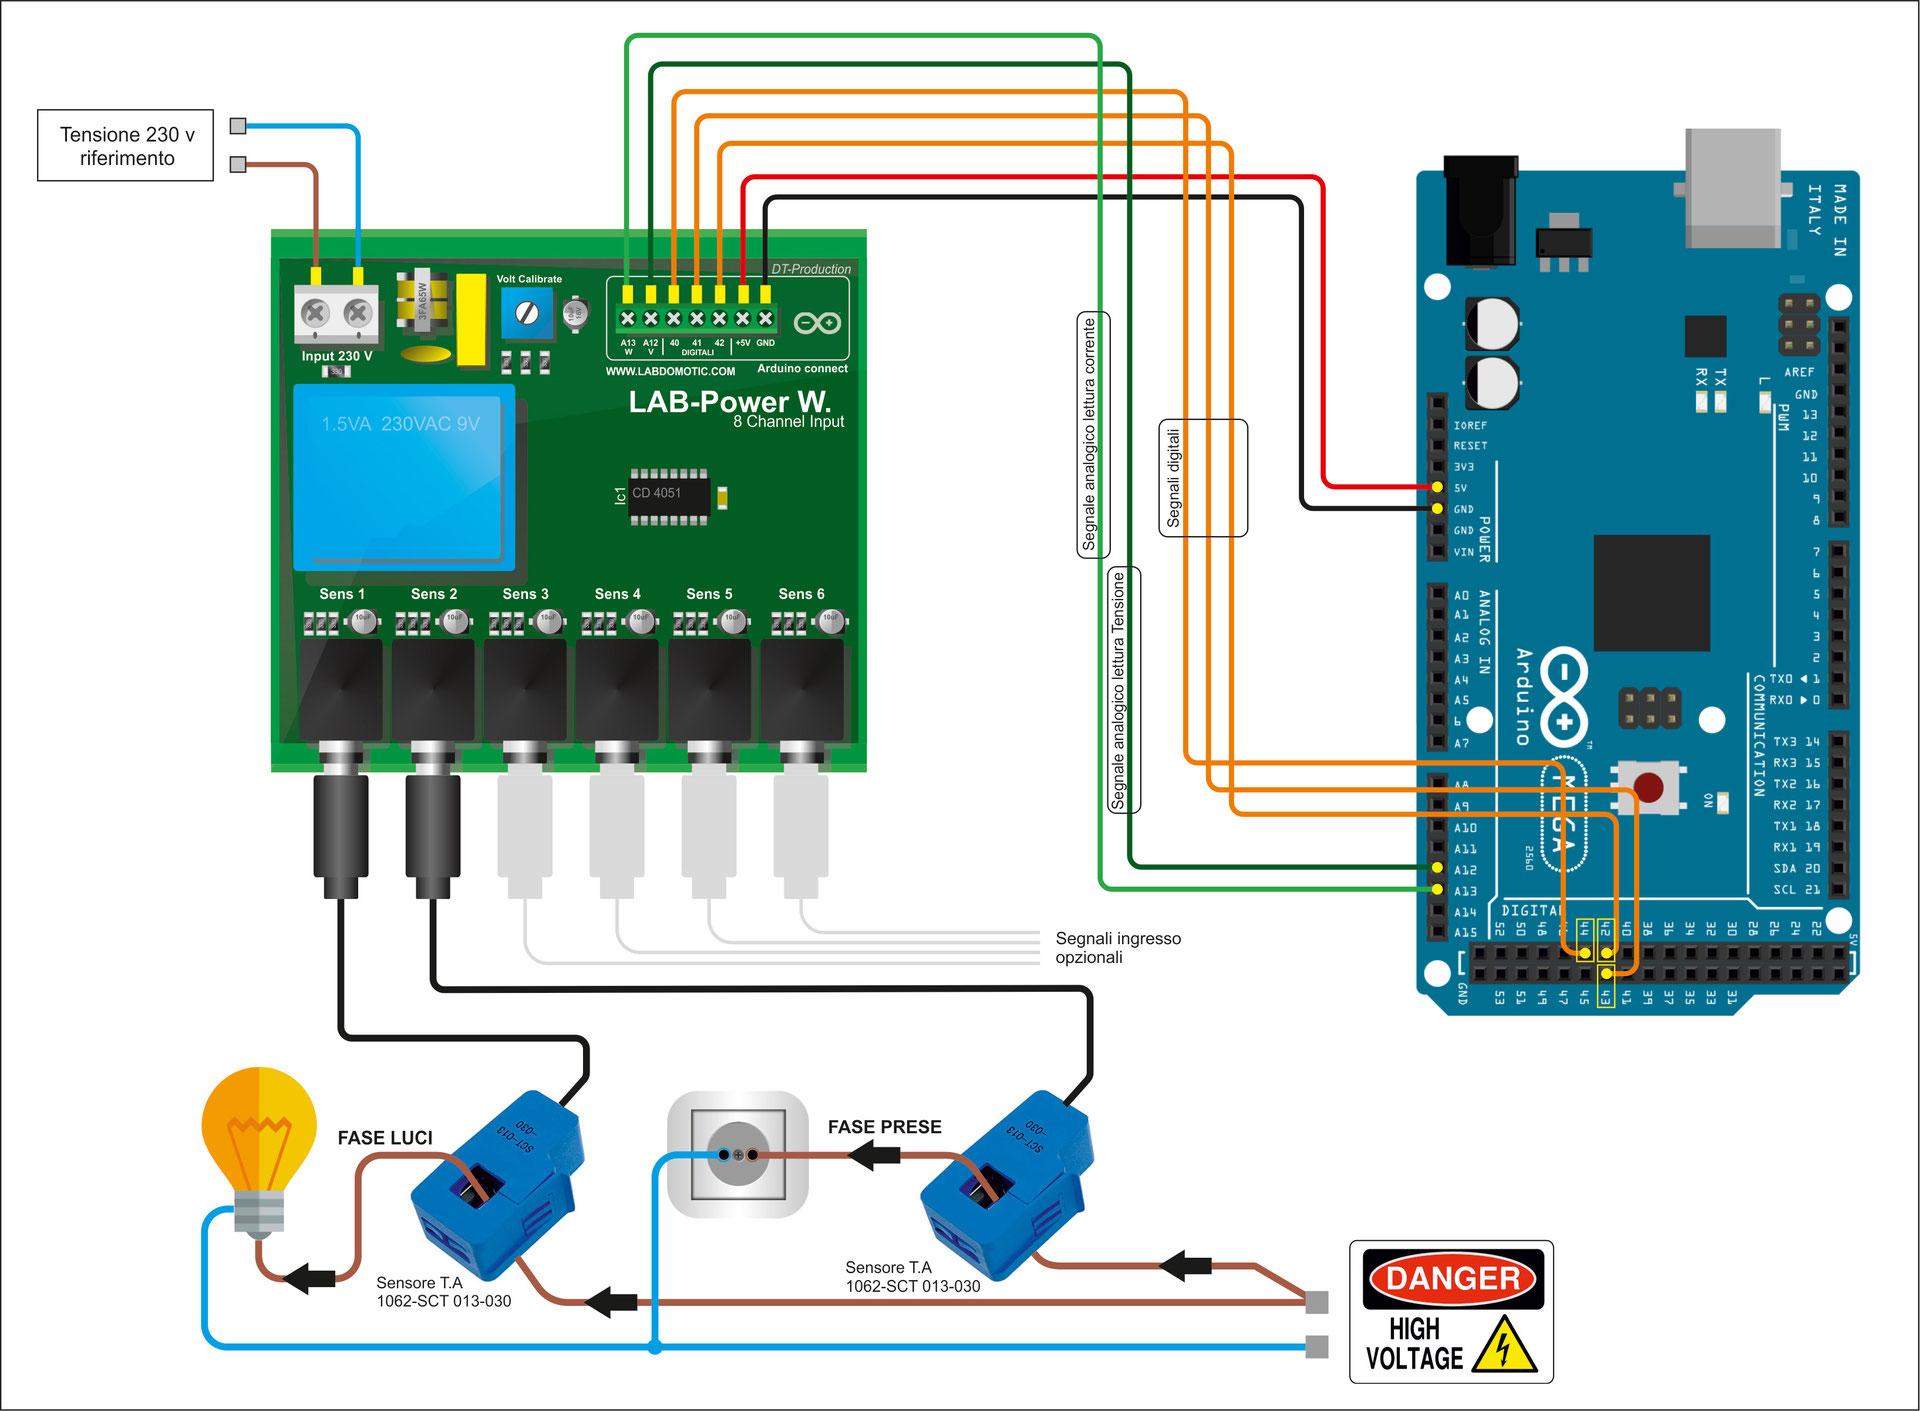 Schema Elettrico Per Serrande : Schema elettrico per domotica progettare un impianto